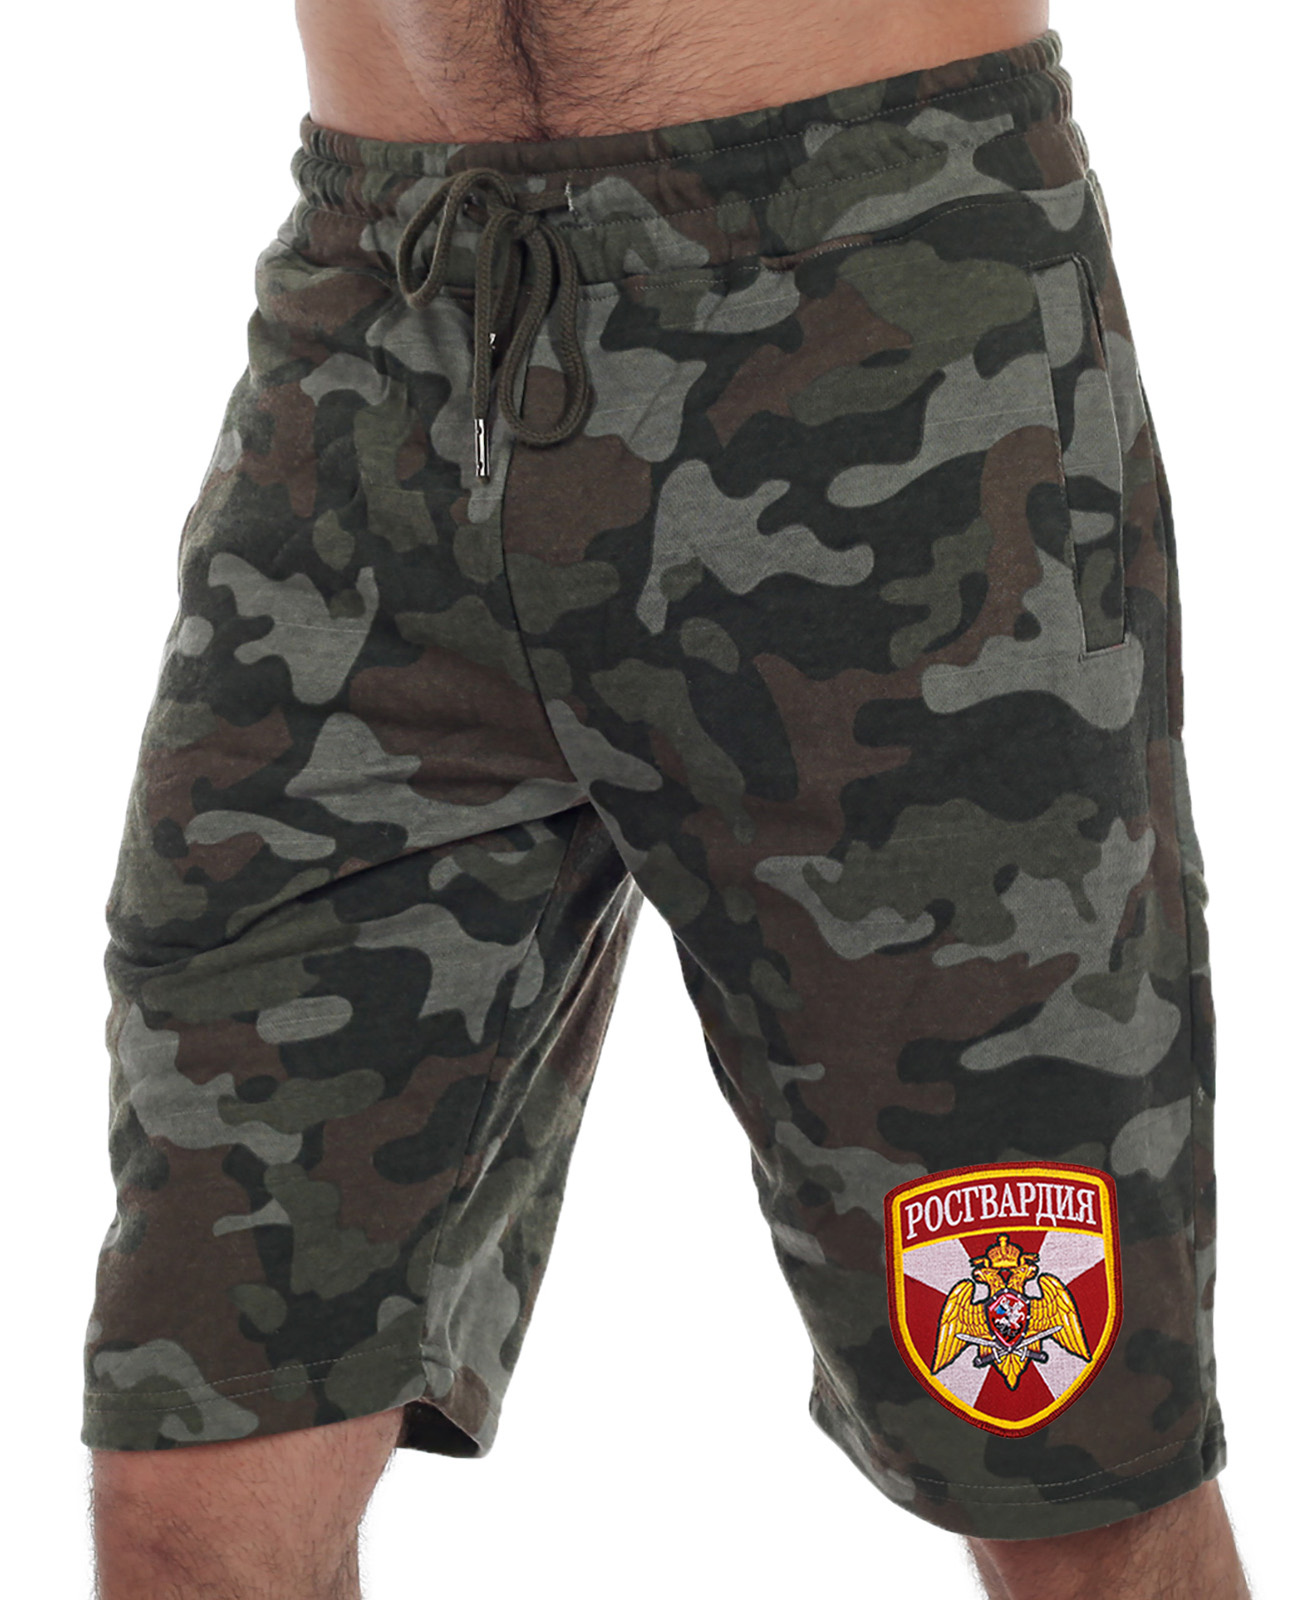 Купить армейские удлиненные милитари шорты с нашивкой Росгвардия в подарок мужчине